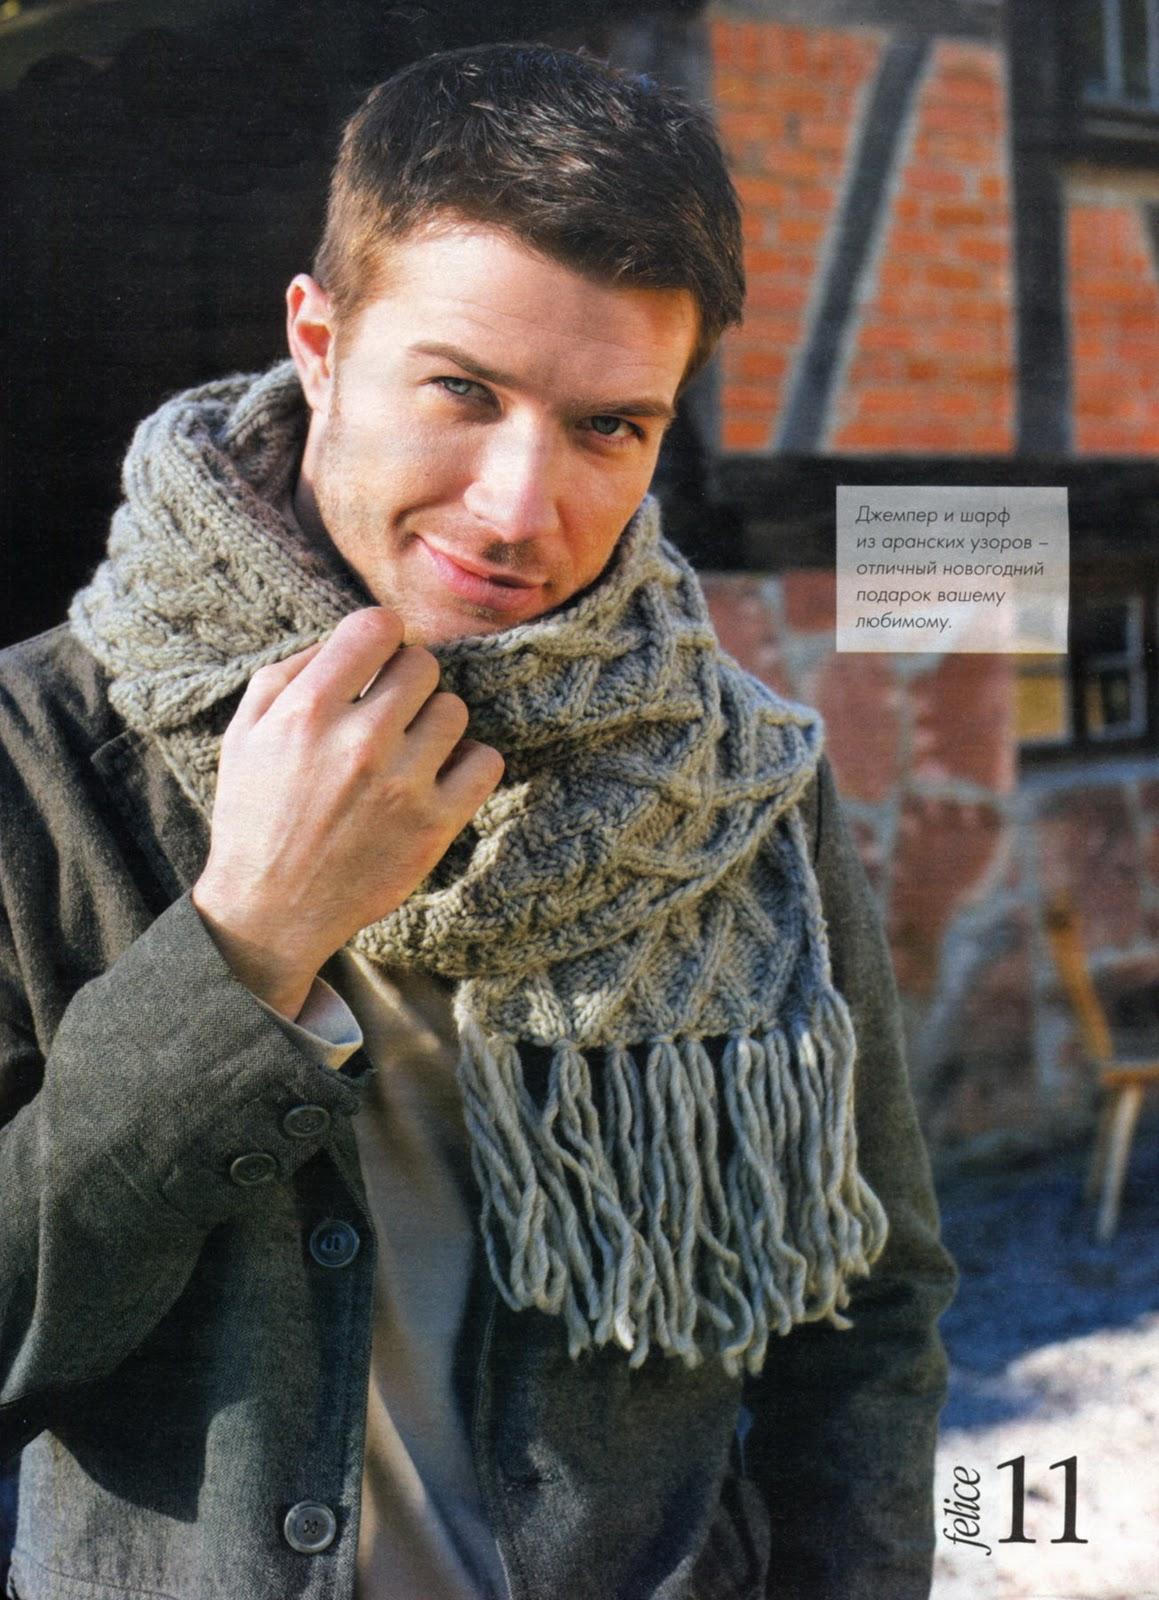 """Жмите - картинки увеличатся!  Мужской джемпер и шарф  """"Сириус """" из Inspiration.  Жилет с интересным текстурным узором..."""